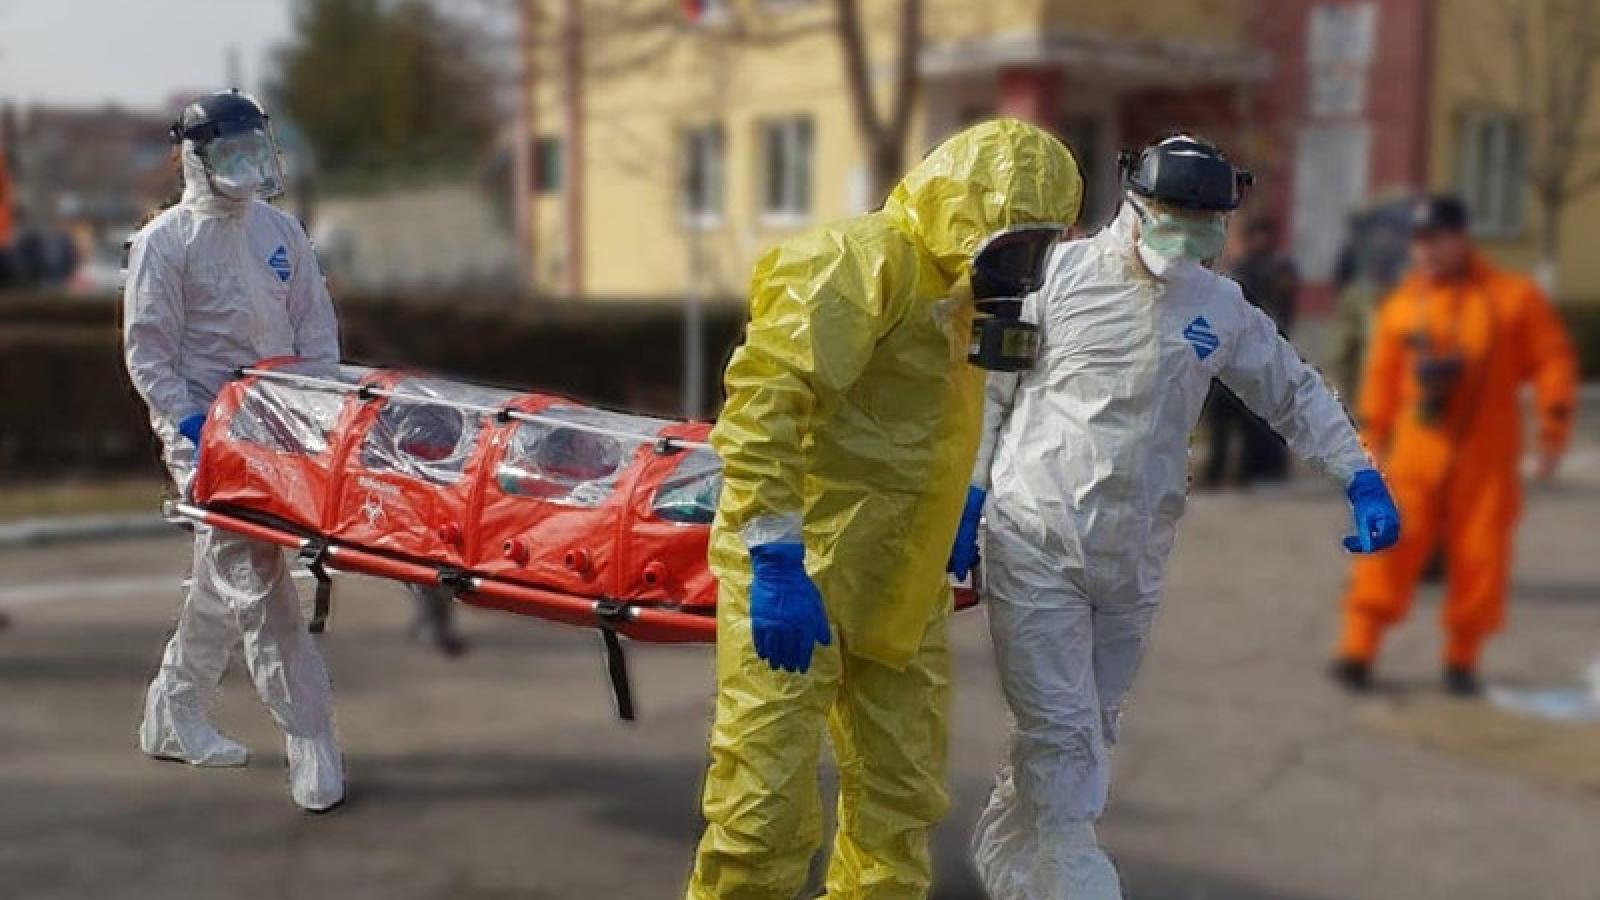 Làn sóng Covid-19 thứ tư: Romania ghi nhận kỷ lục số ca nhiễm và tỷ lệ tử vong